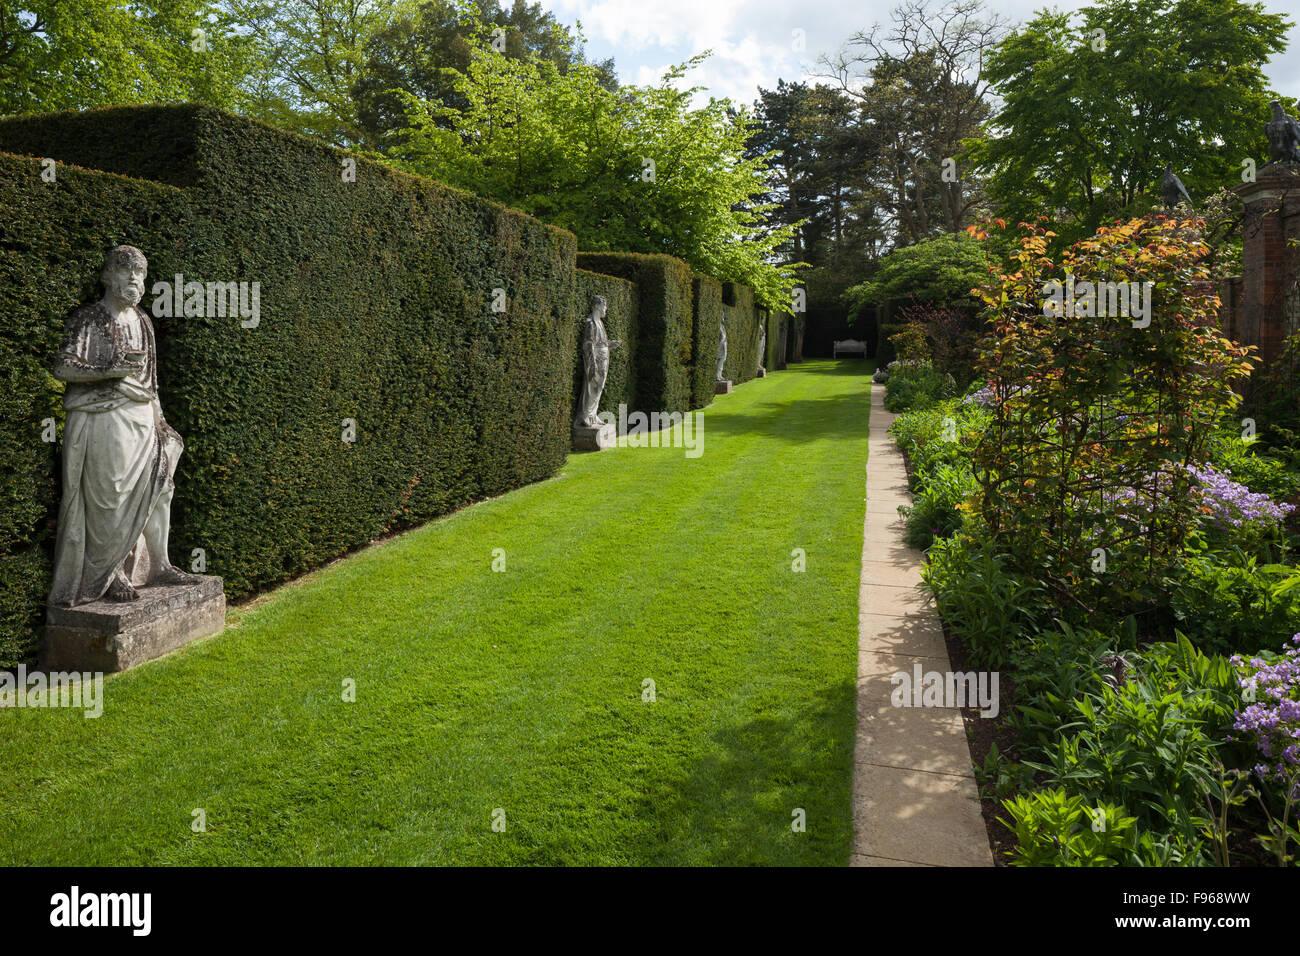 Frontières floral contemporain conçu par Arne Maynard à côté de statues classiques par Scheemaker à Cottesbrooke Hall gardens, Northamptonshire, Angleterre. Banque D'Images